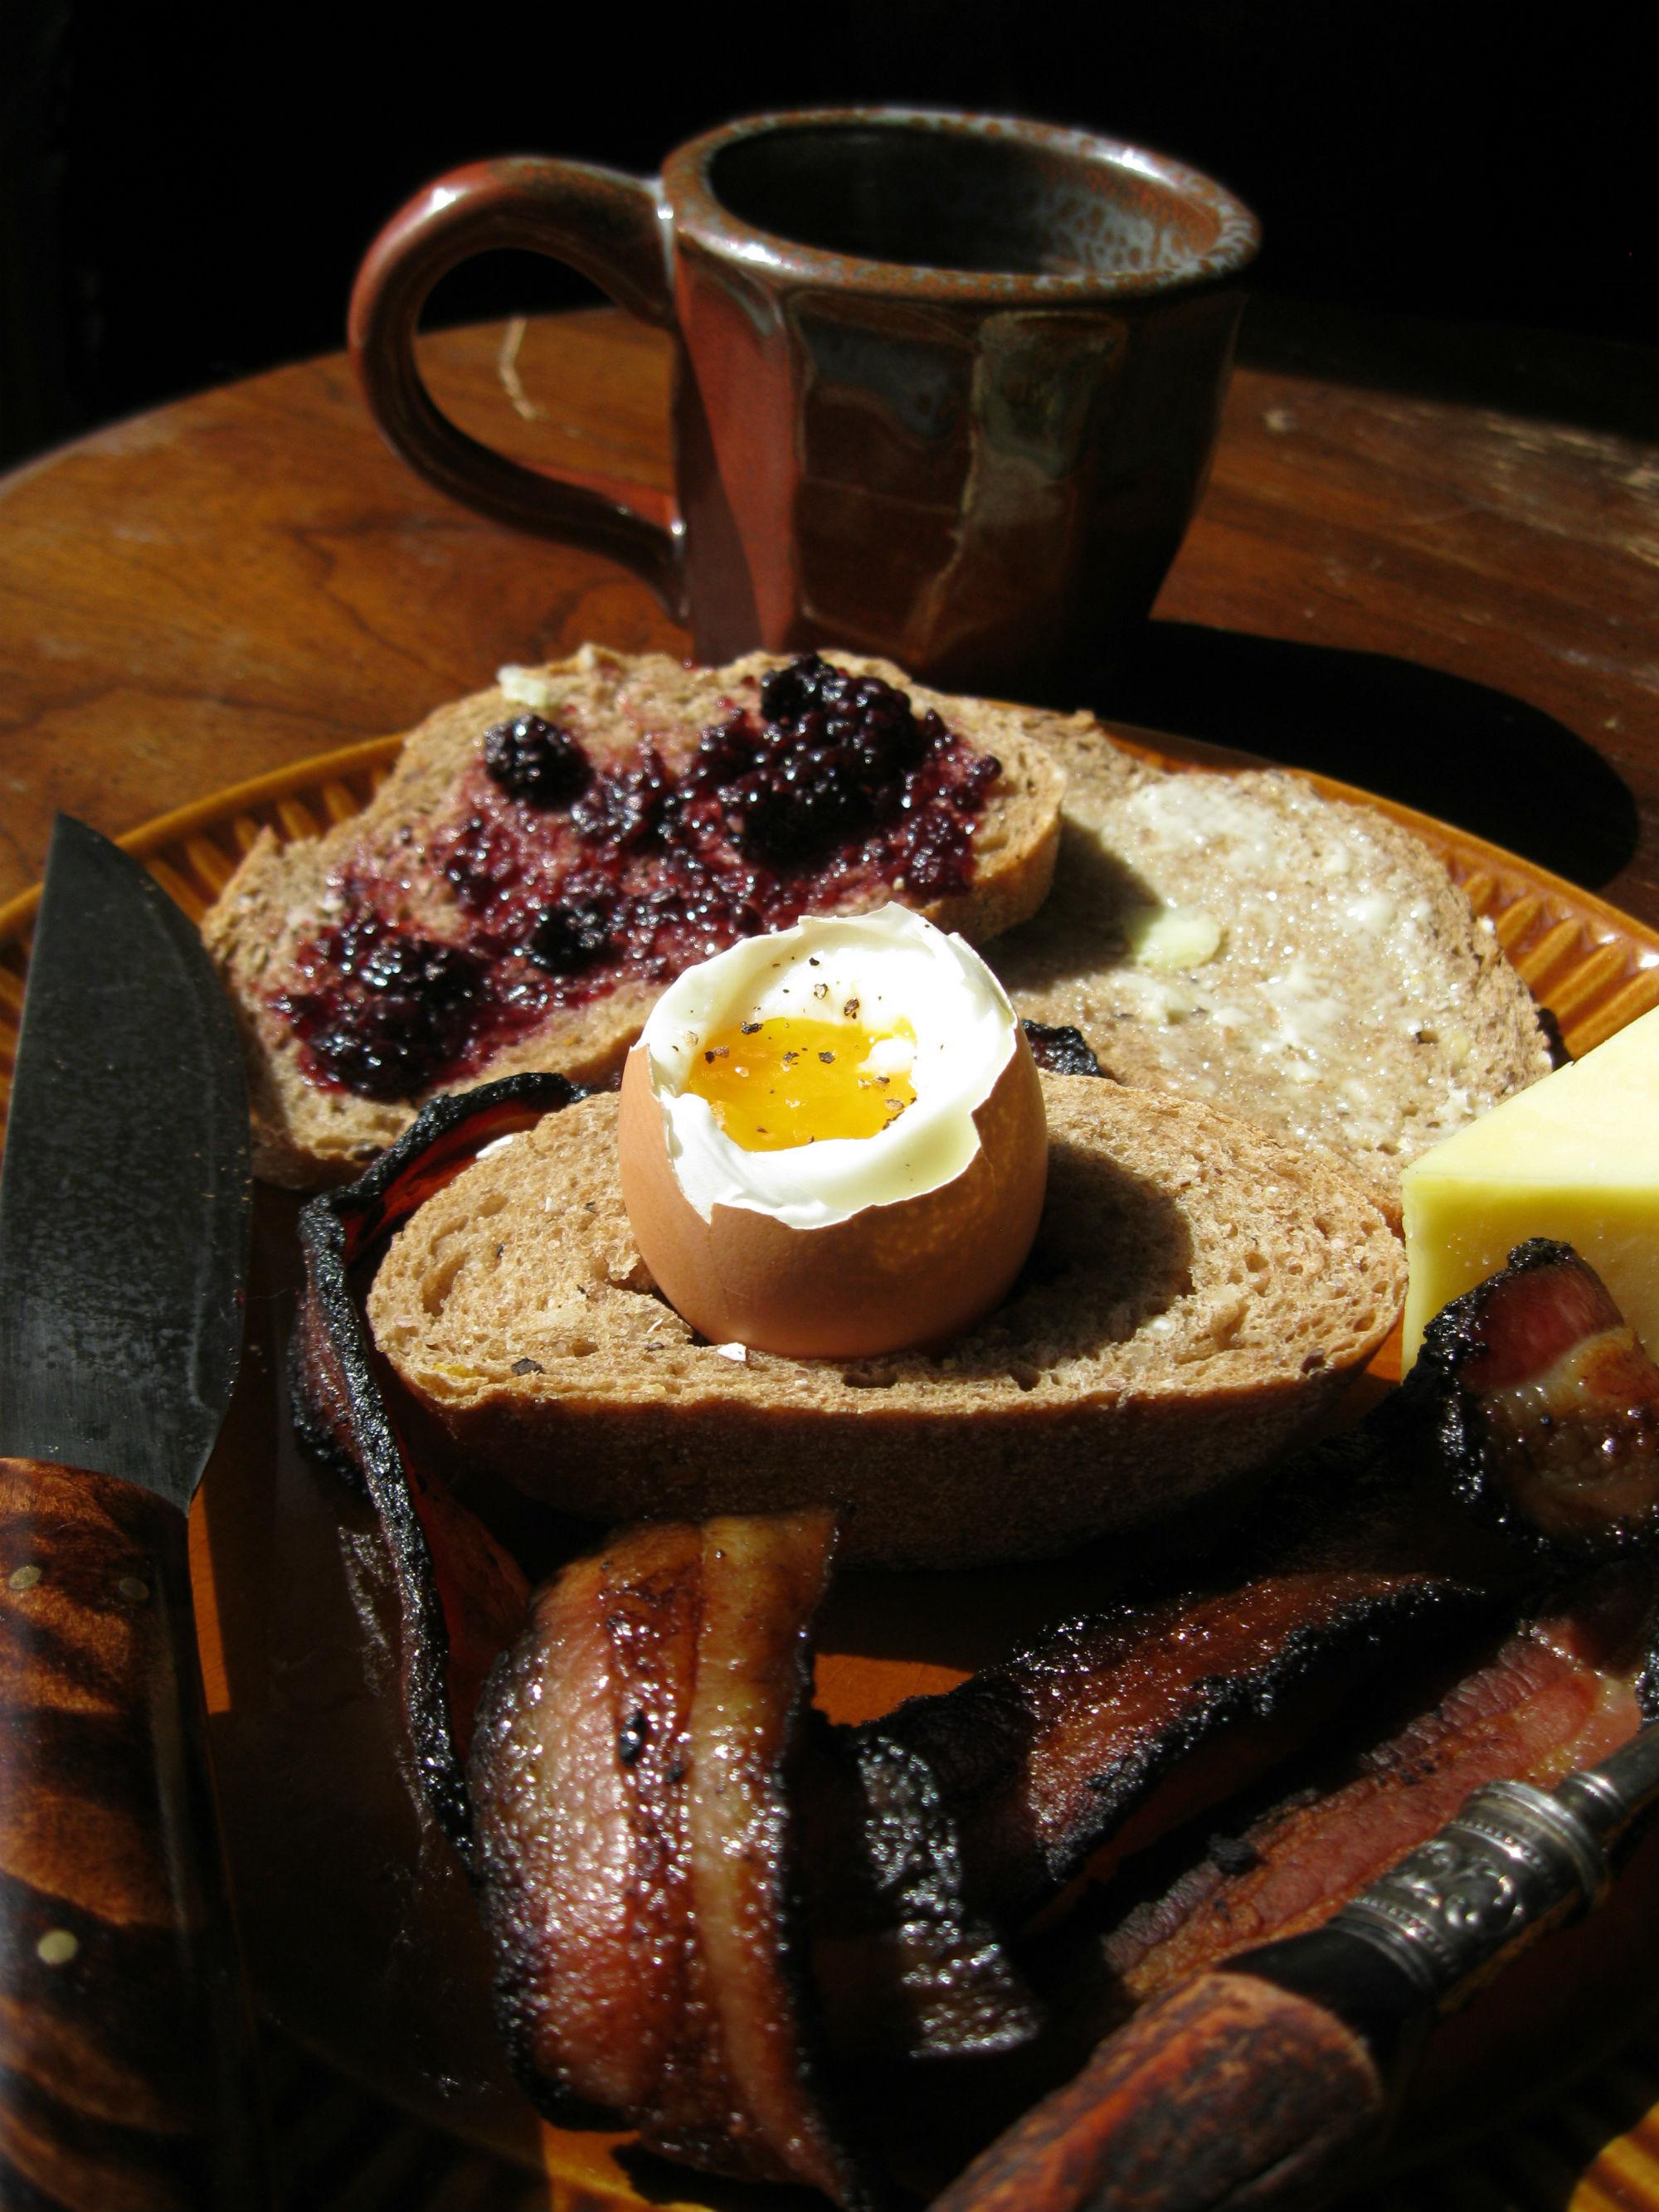 Ингредиенты: 2 яйца, 6 полосок бекона, 4 ломтика домашнего хлеба, сливочное масло, мёд, ягодный джем